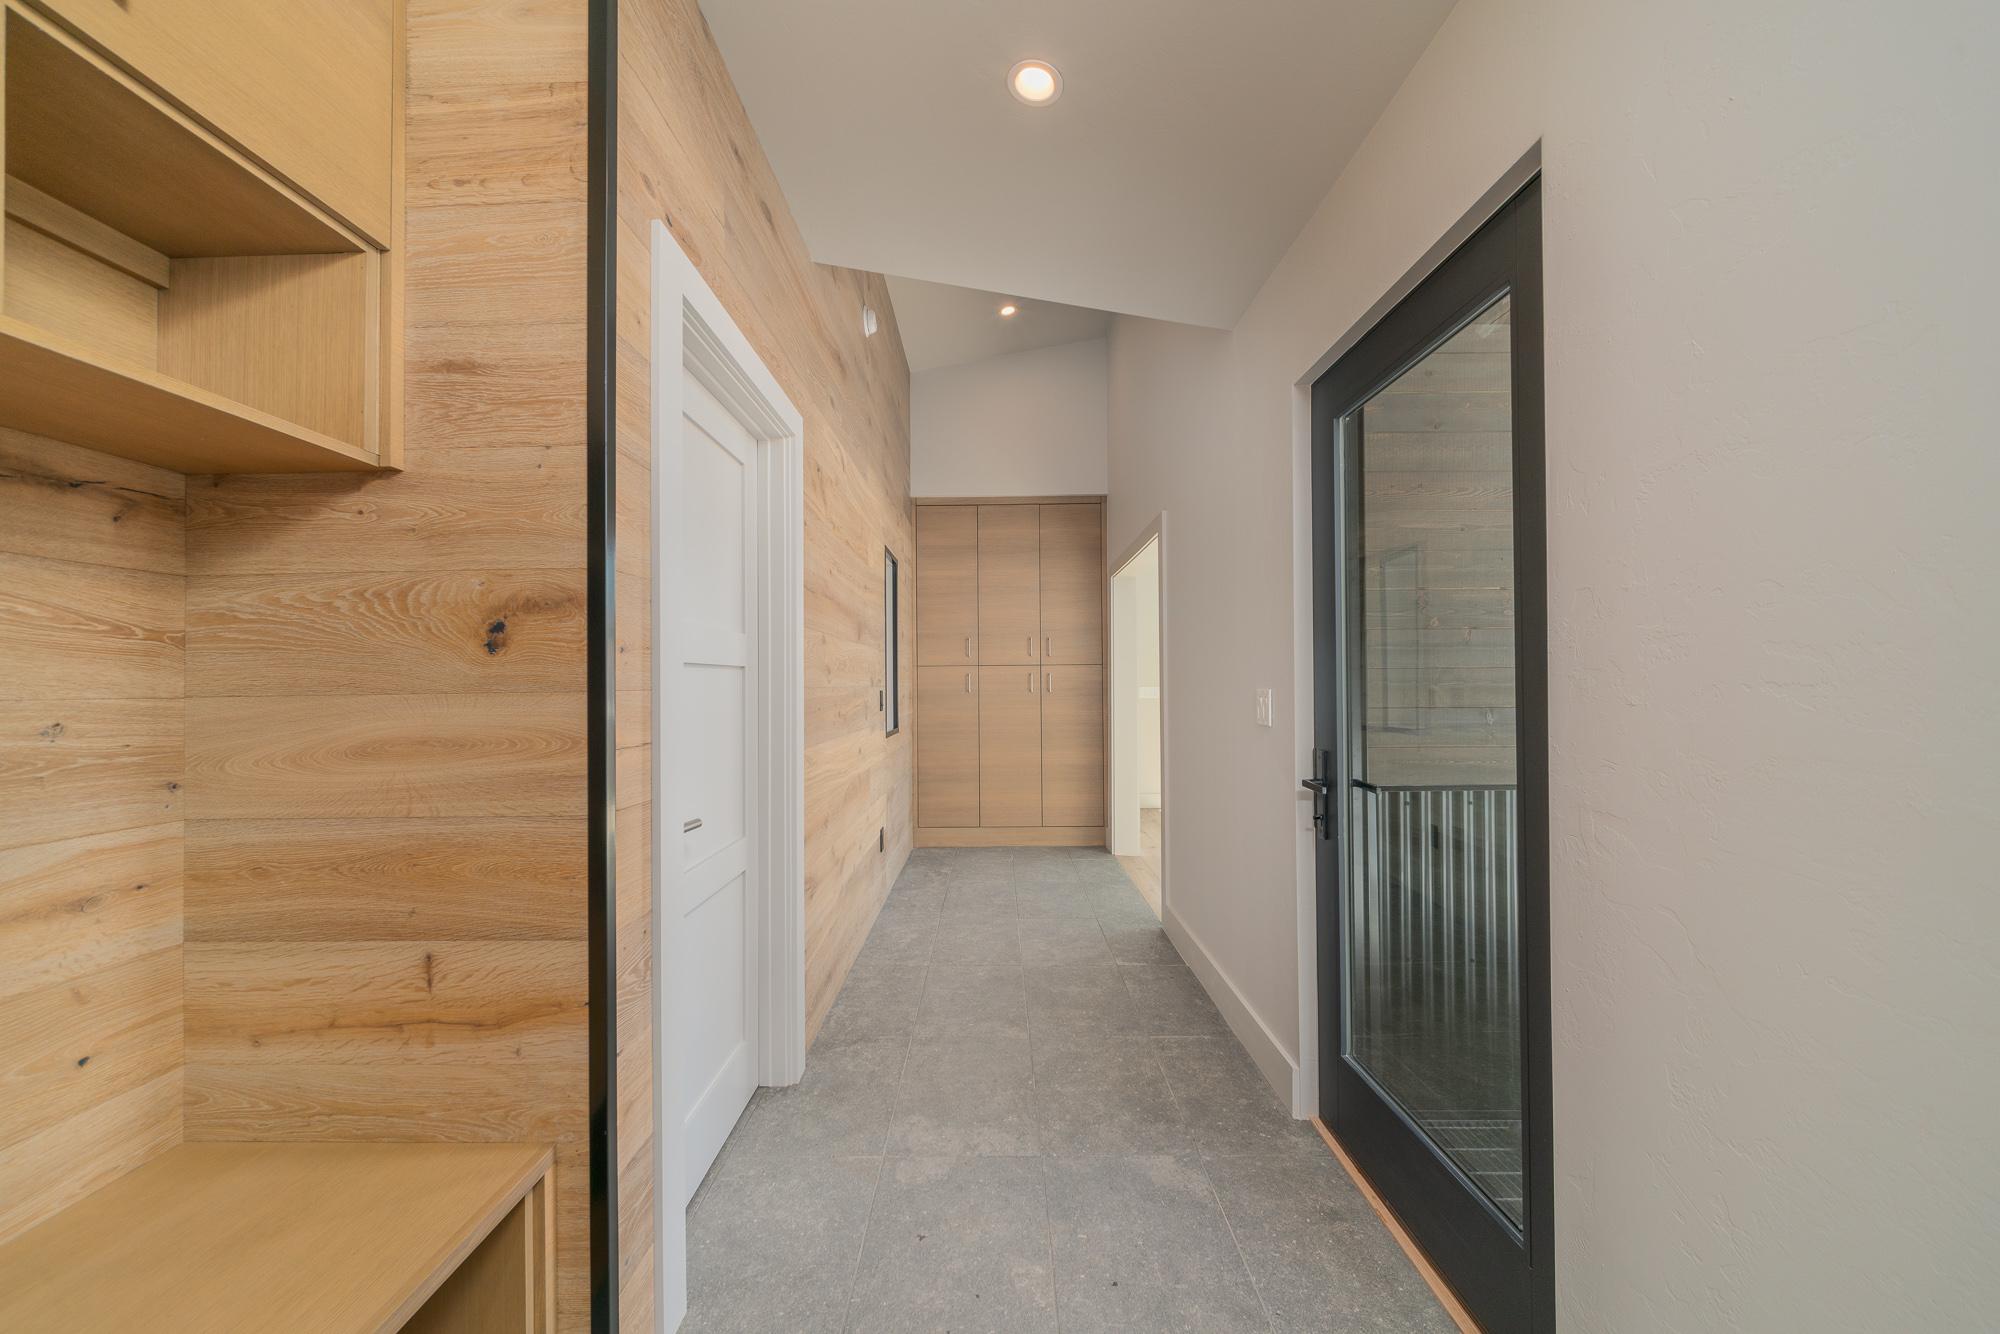 Custom Home Kuboske Built in Placerville, CO